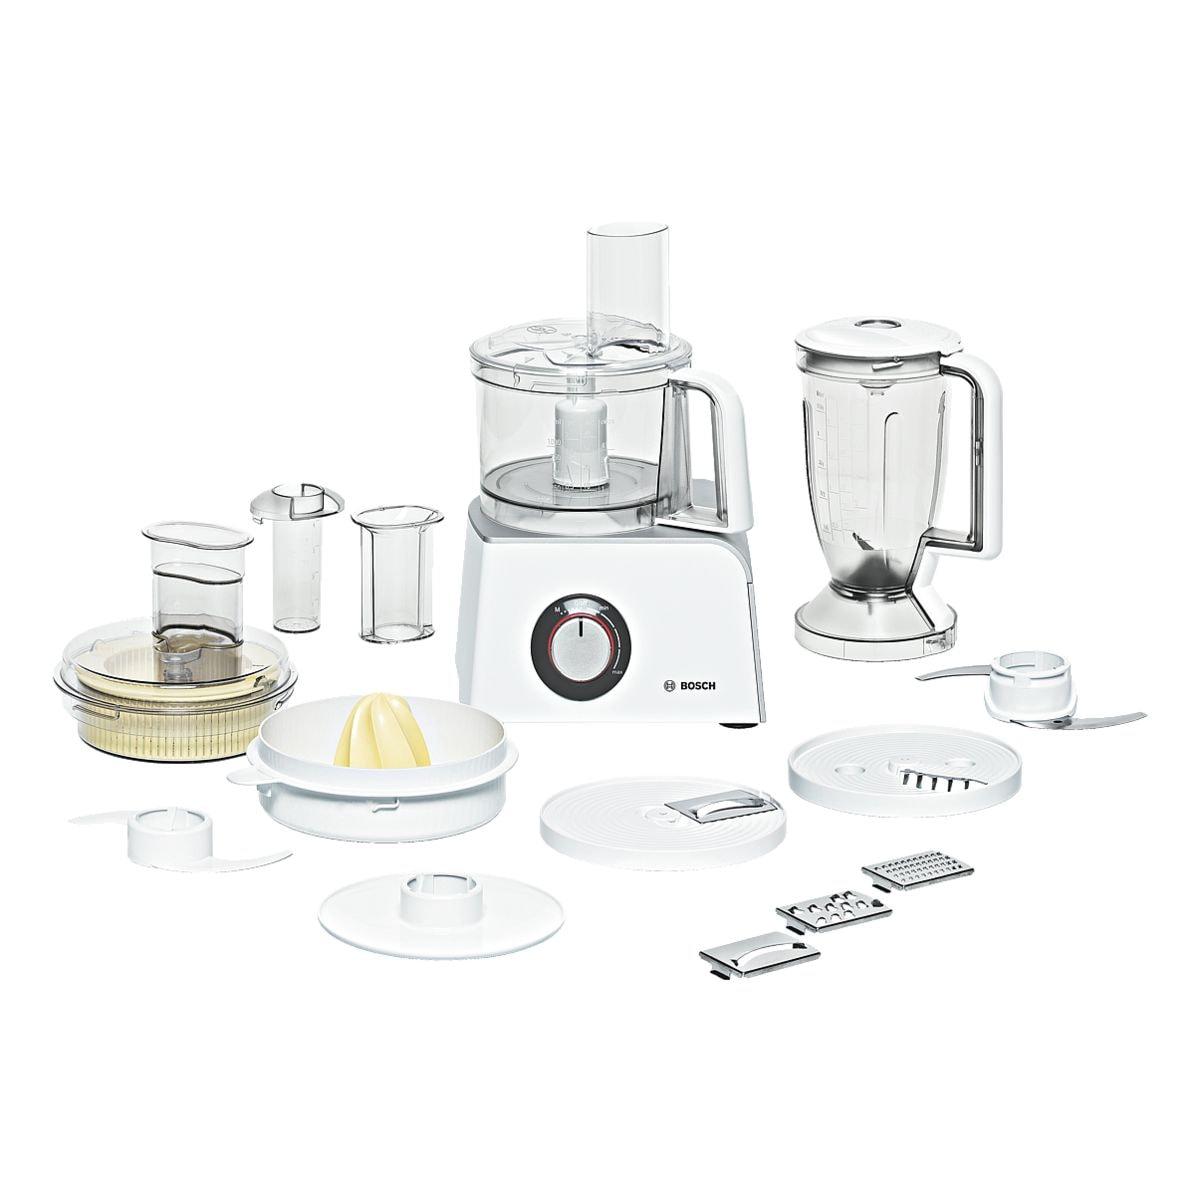 BOSCH Küchenmaschine »MCM 4200«